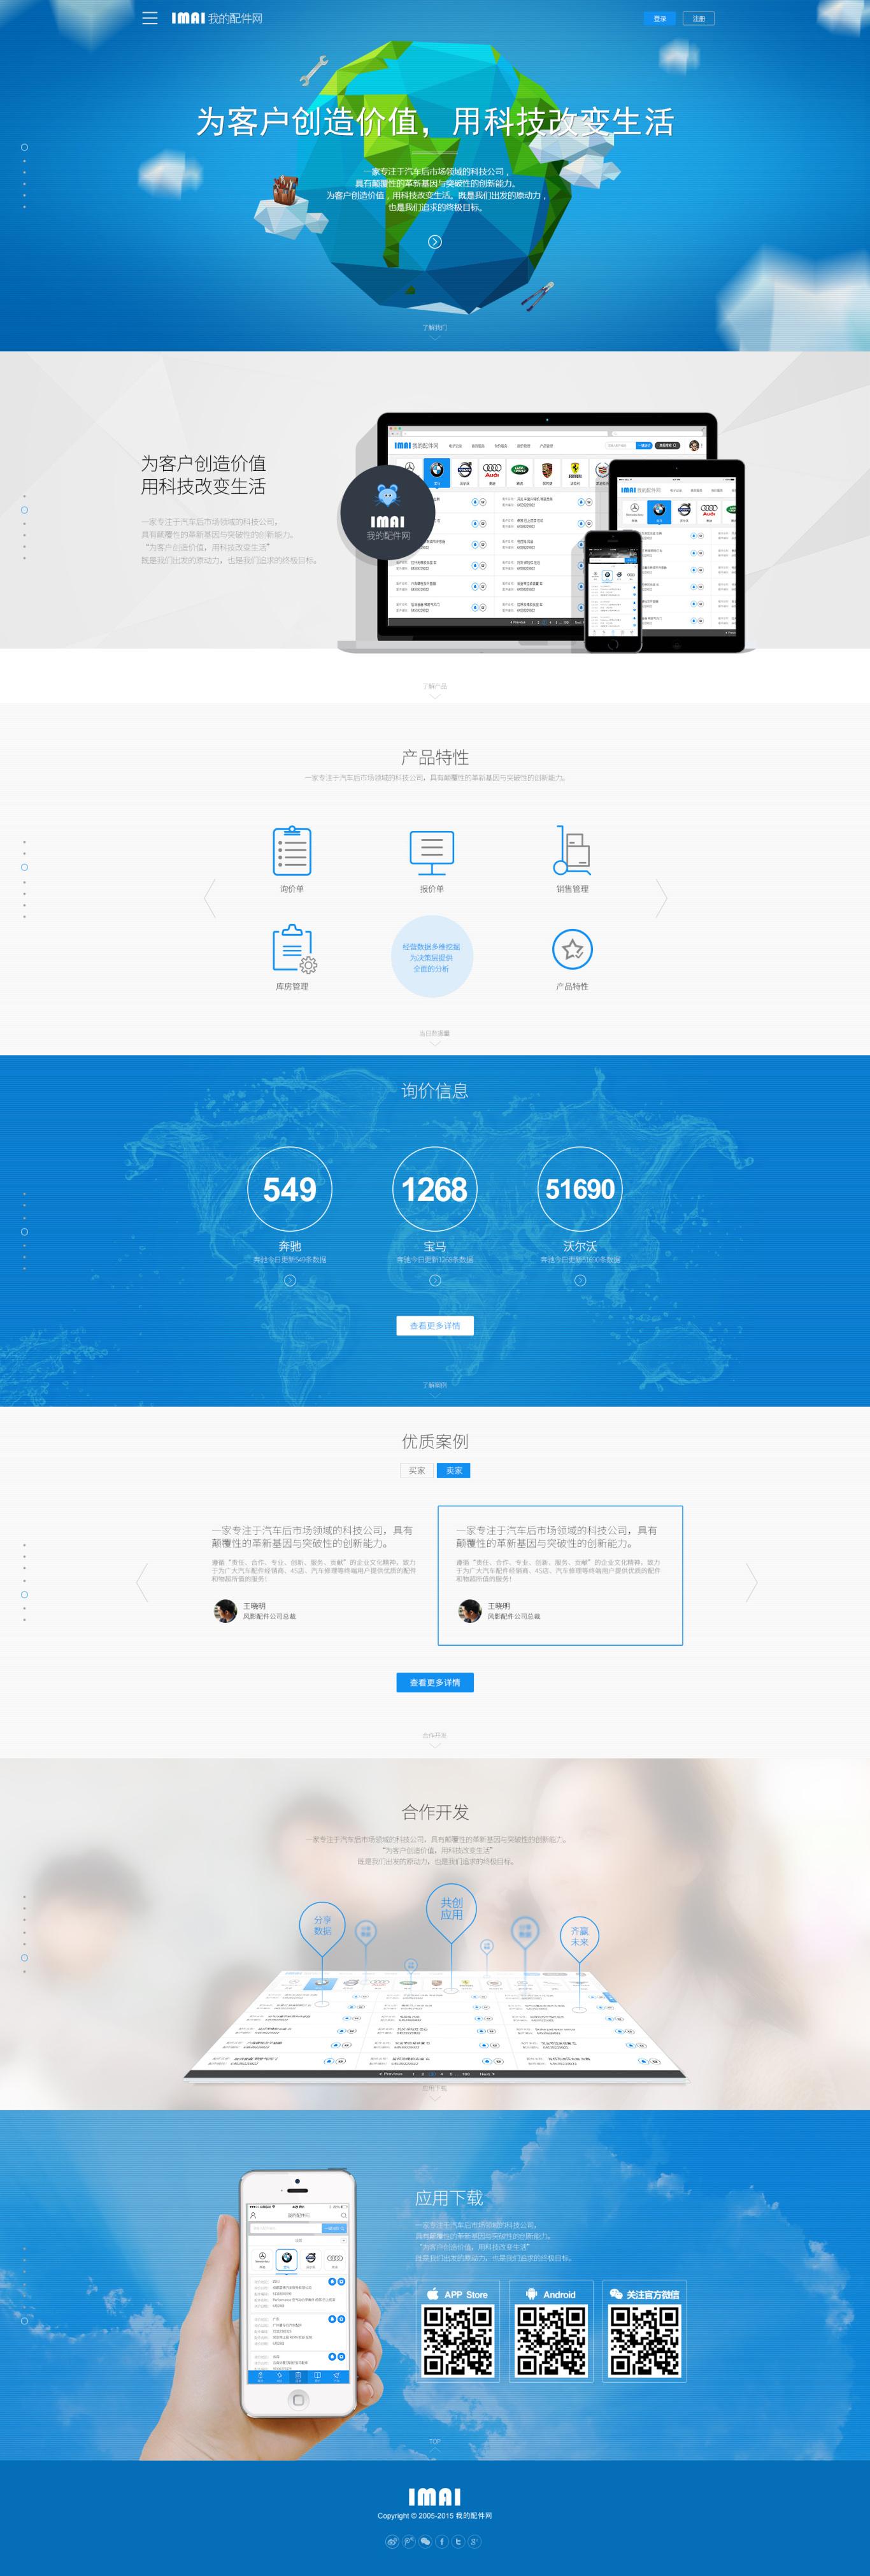 UI设计-我的配件网图0